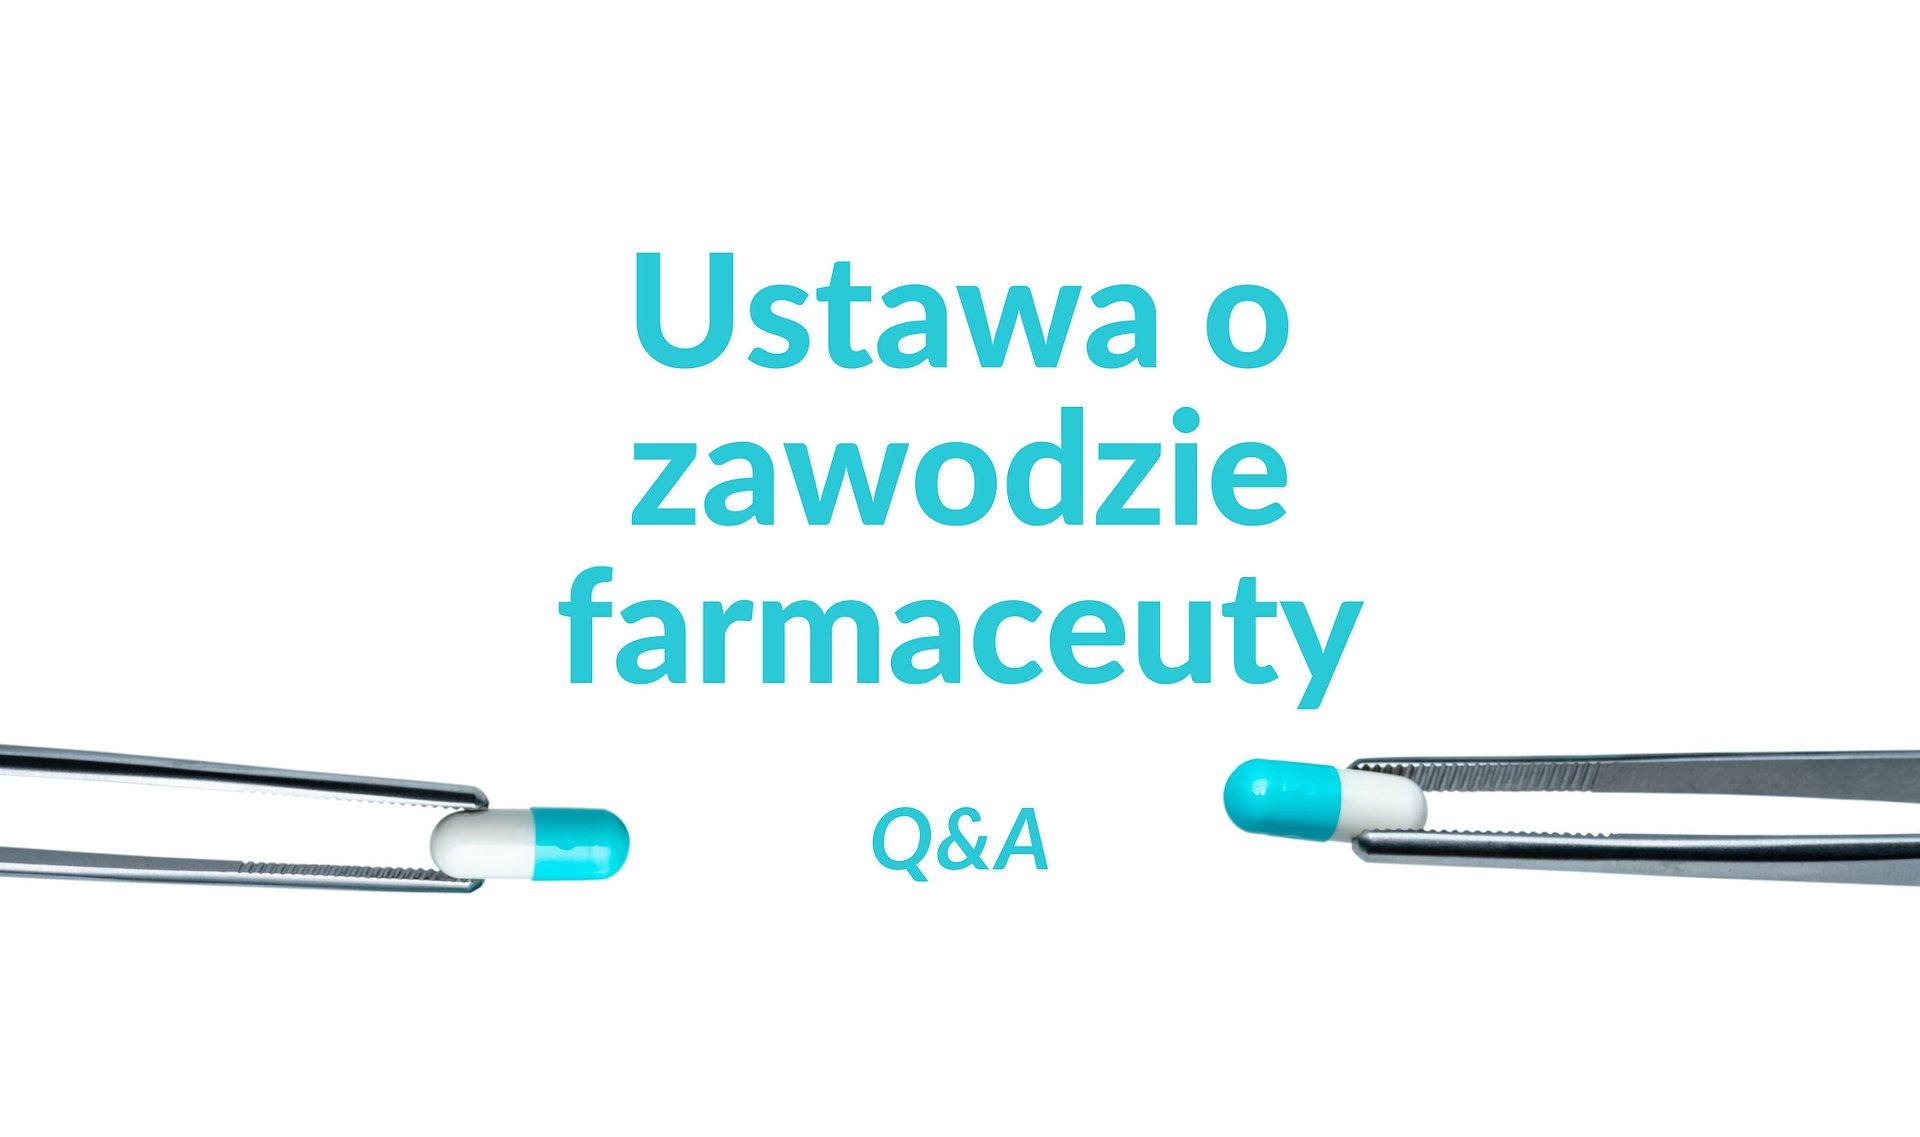 Ustawa o zawodzie farmaceuty w pytaniach i odpowiedziach